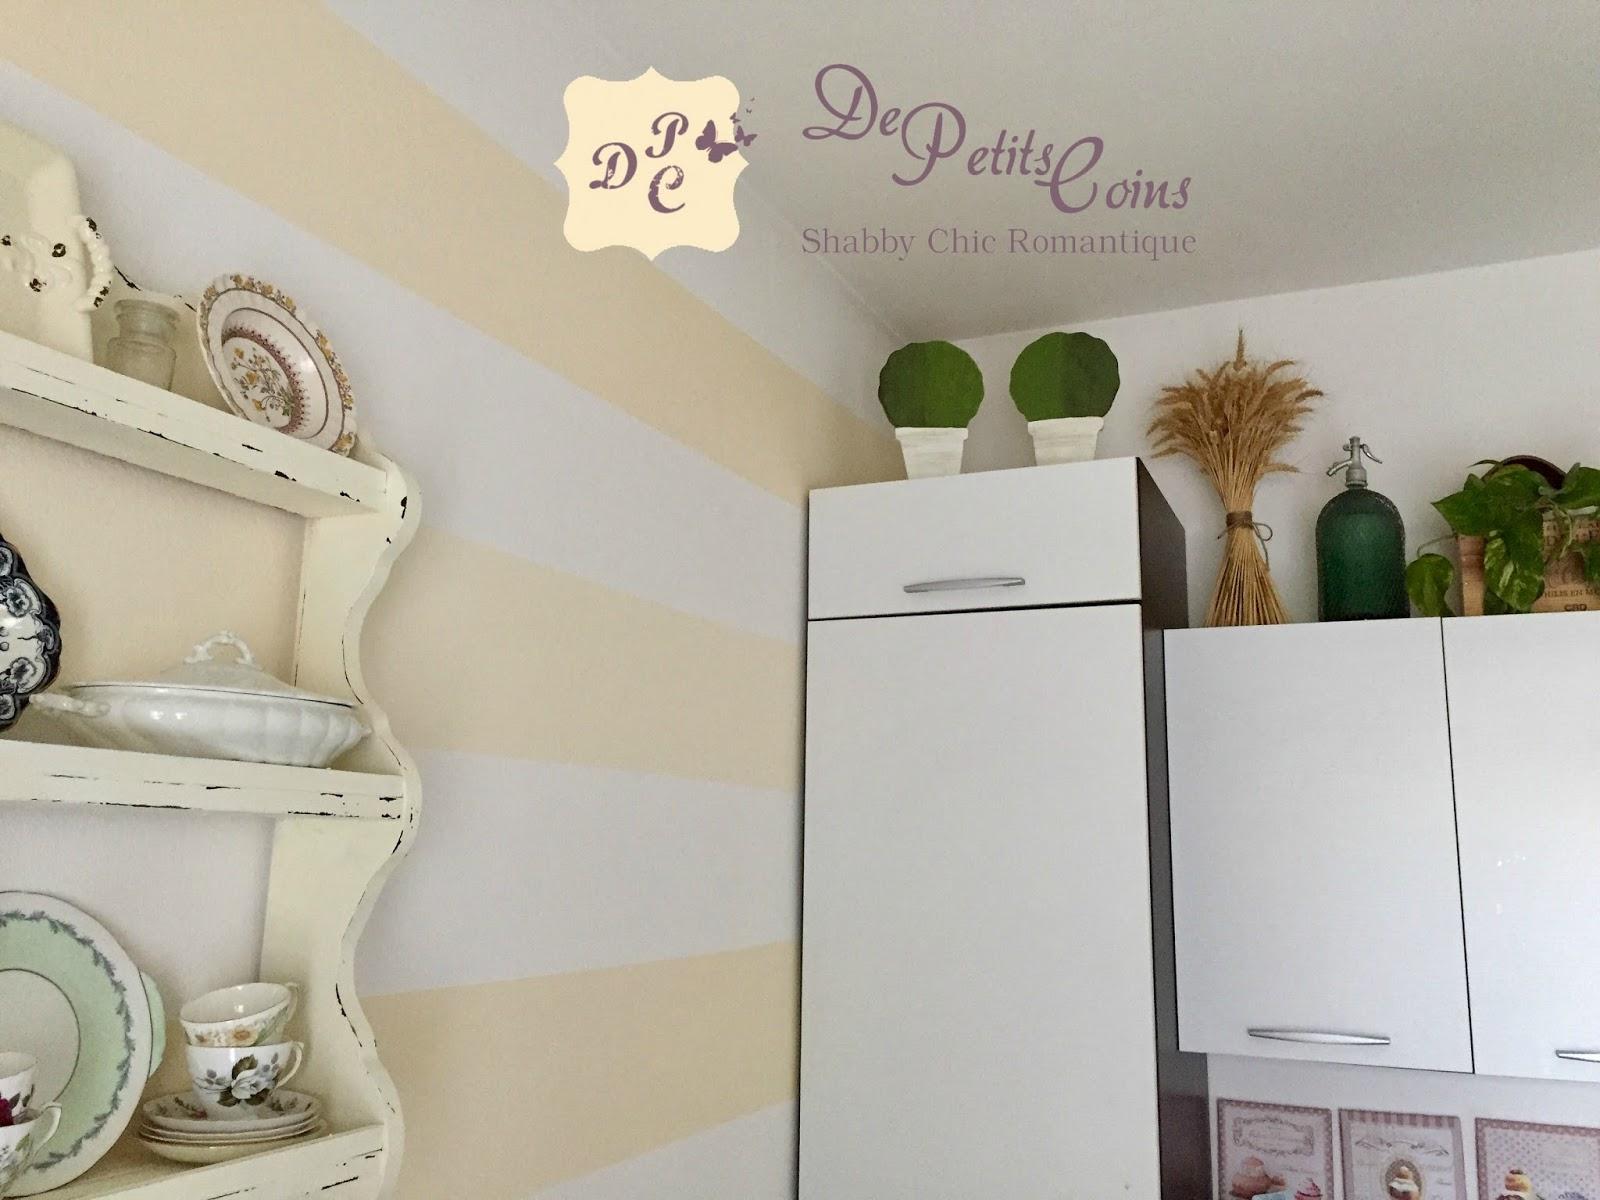 Pareti A Righe Shabby Chic de petits coins: parete a righe orizzontali per la mia cucina